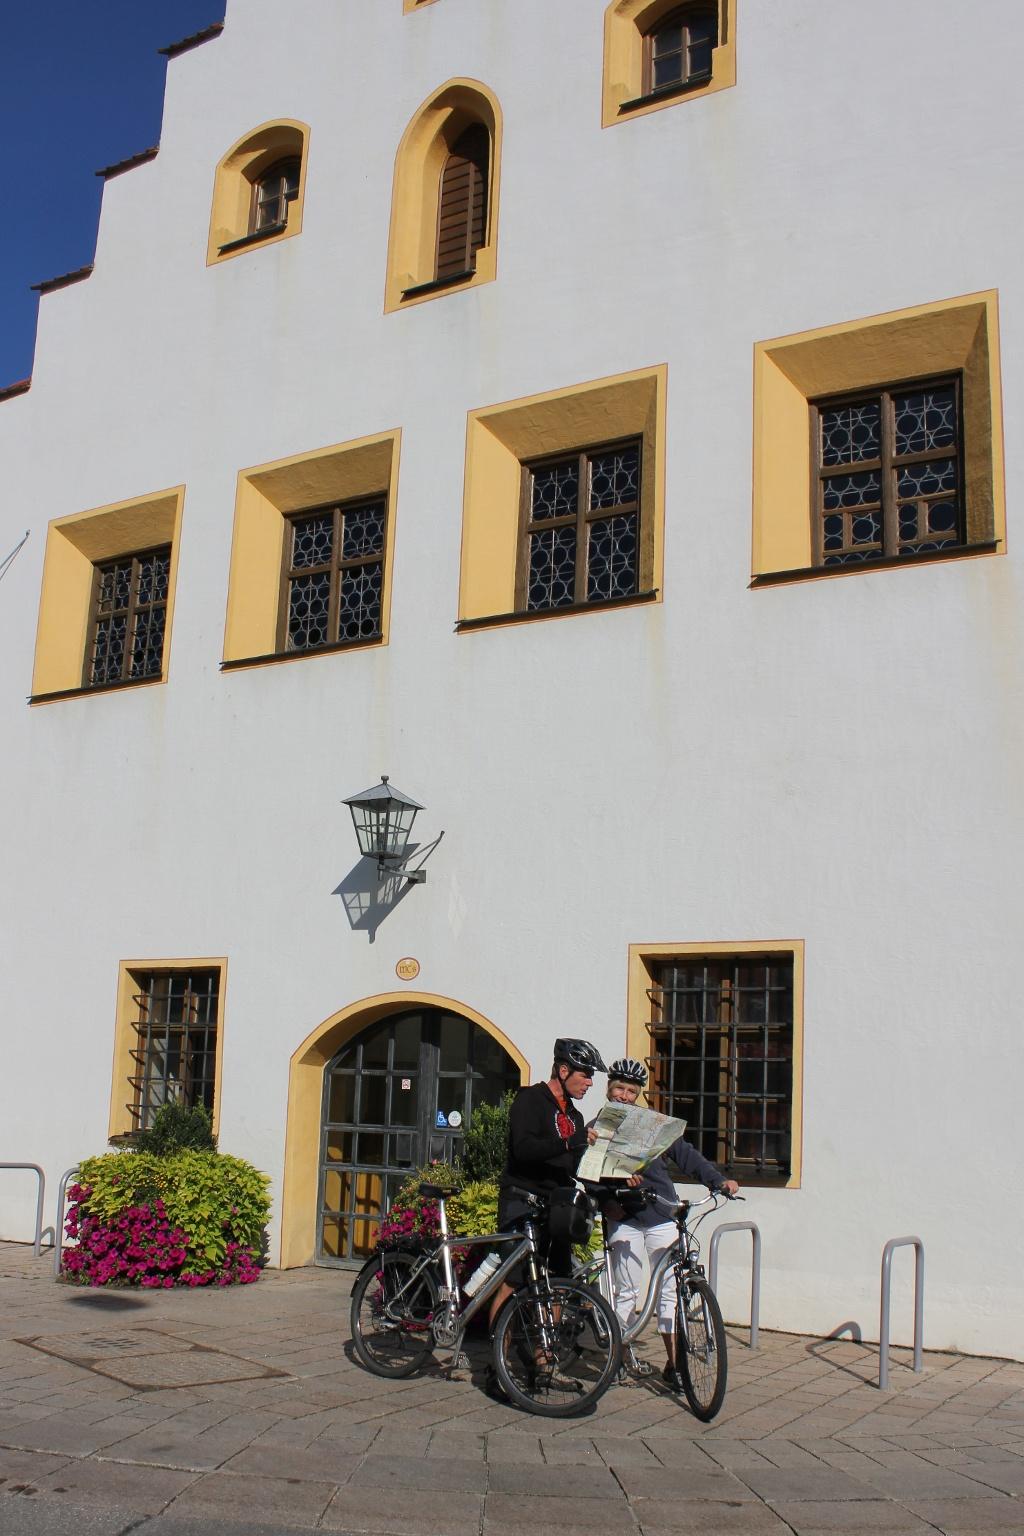 Vor dem Ballenhaus in Schongau einen letzten Blick in die Karte werfen (Gabriele Zelisko)